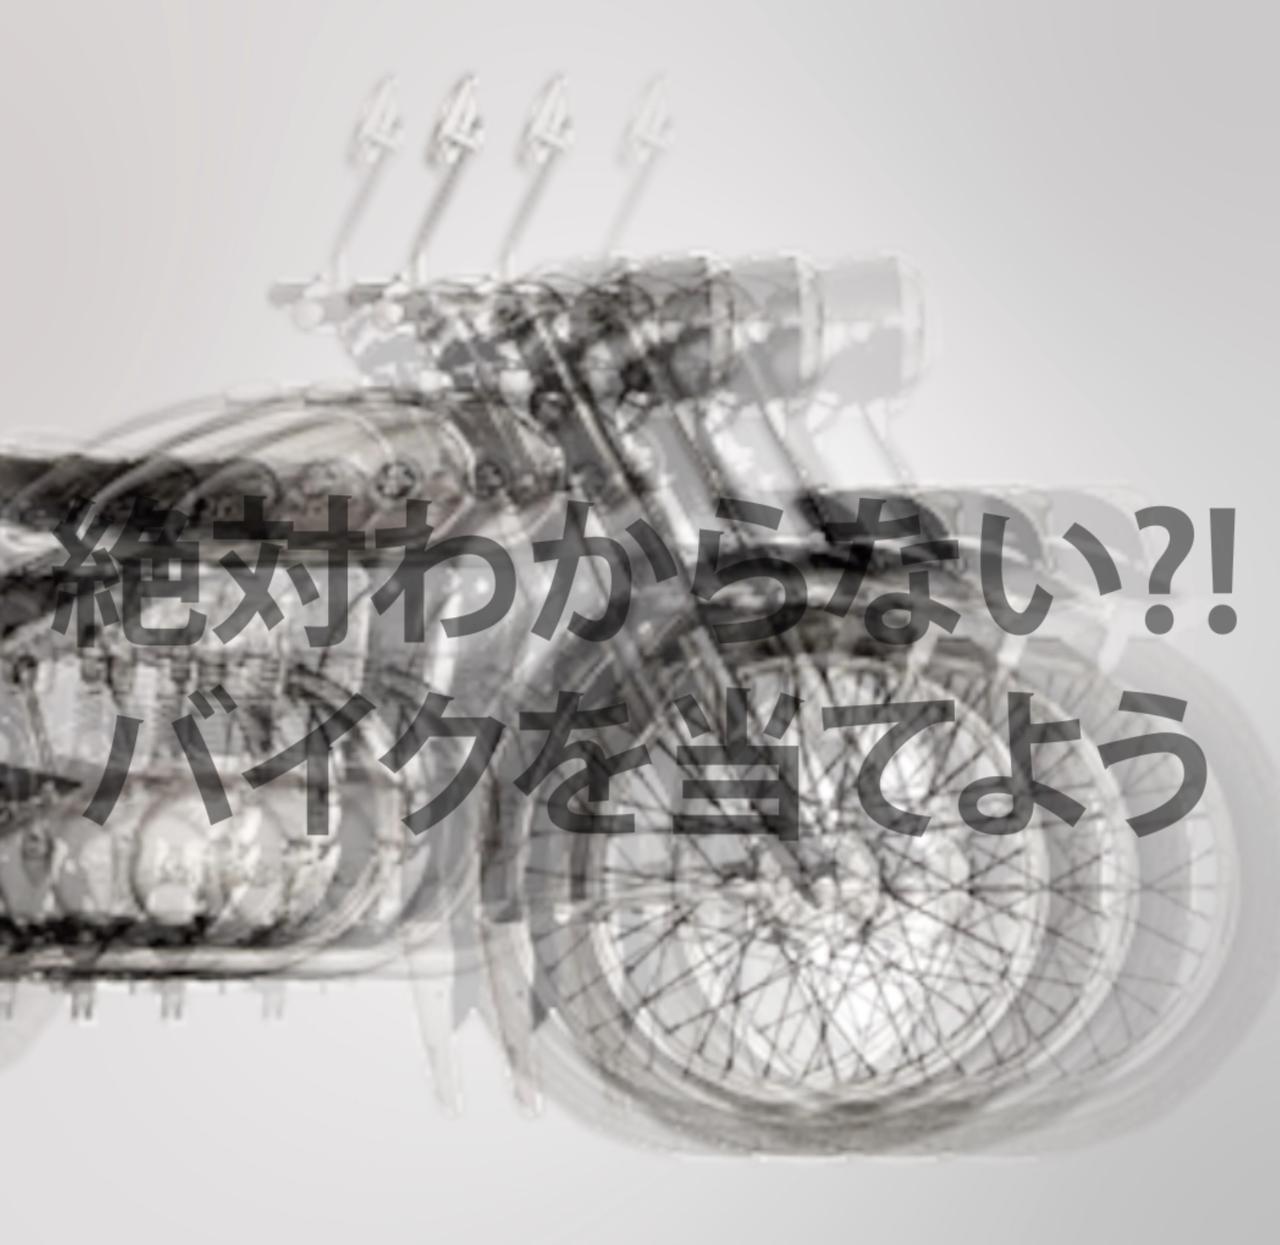 画像1: 60年以上前に発売したバイクの名前、当ててもらっていいですか?